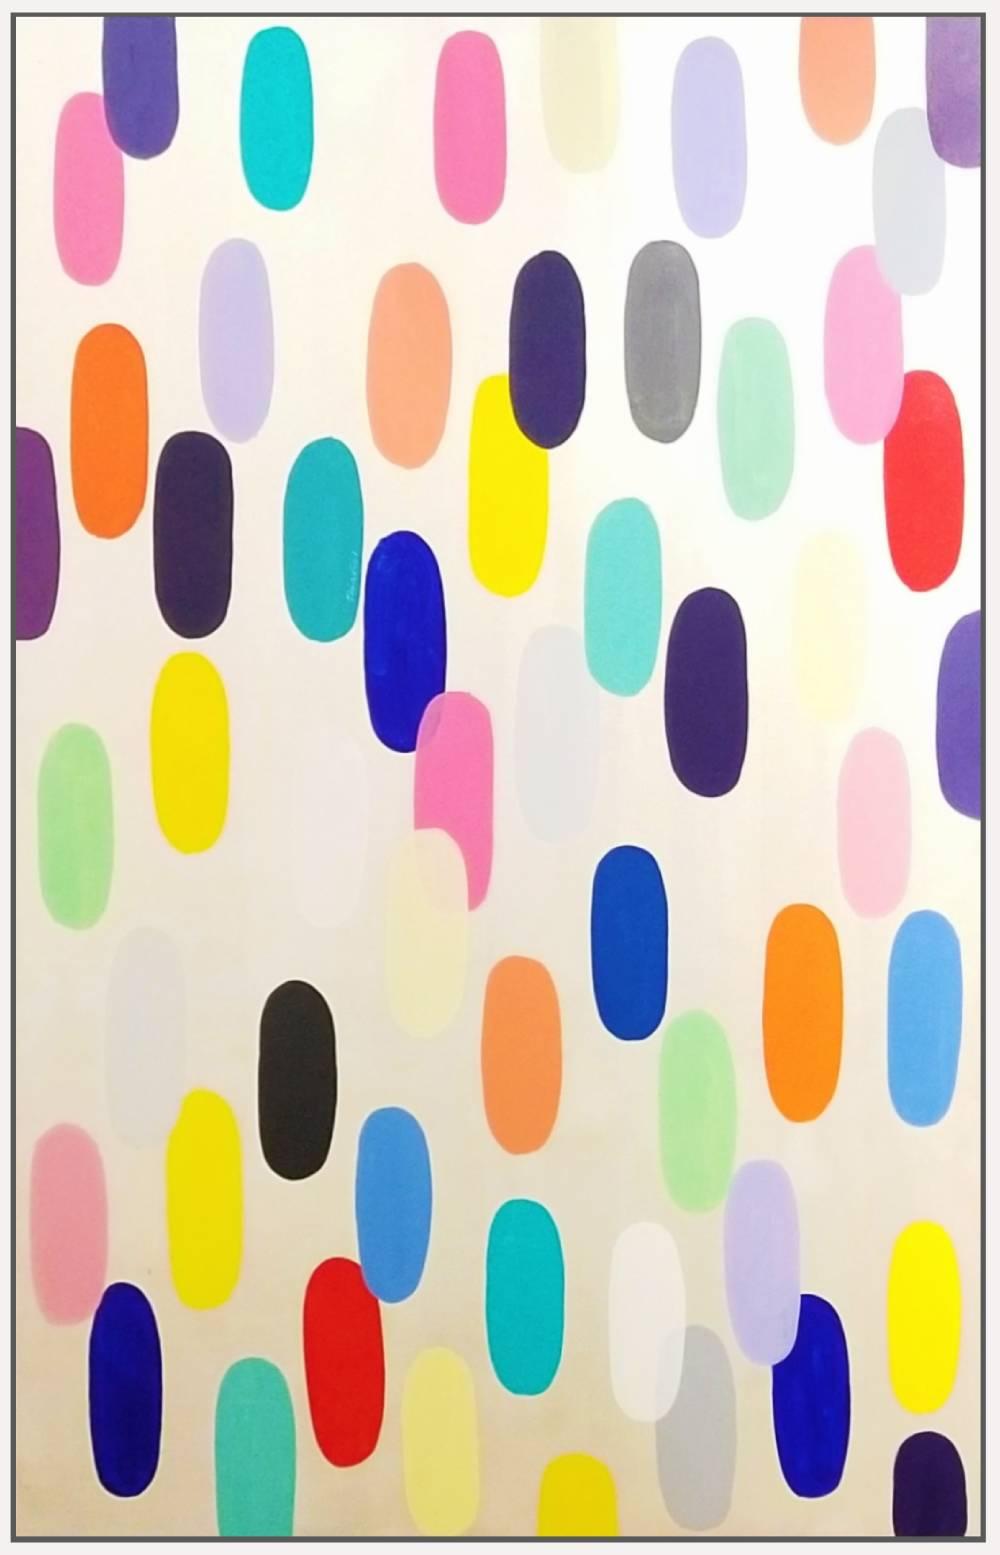 """Jelly Bean #65, 2019, acrylic on canvas, 72"""" x 48"""" (183 x 122cm) in Seoul, Korea"""